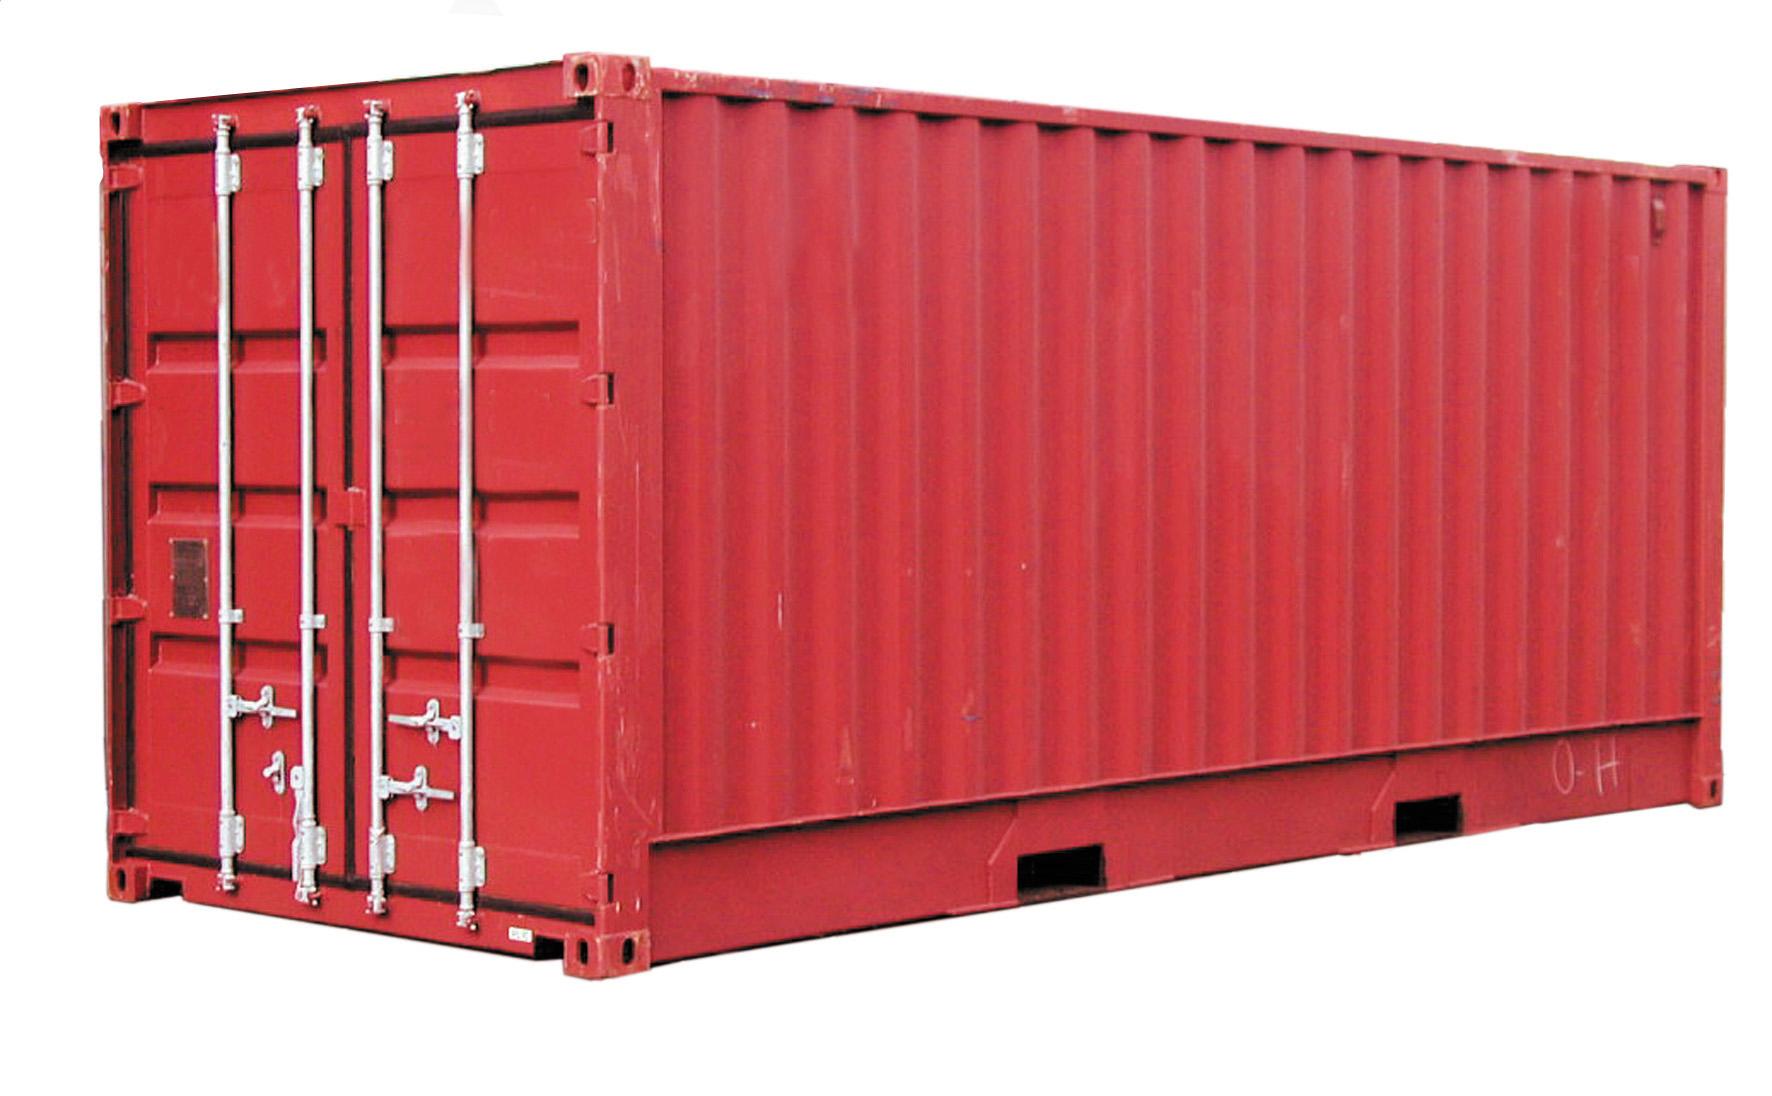 Container Clip Art 1772 x 1096